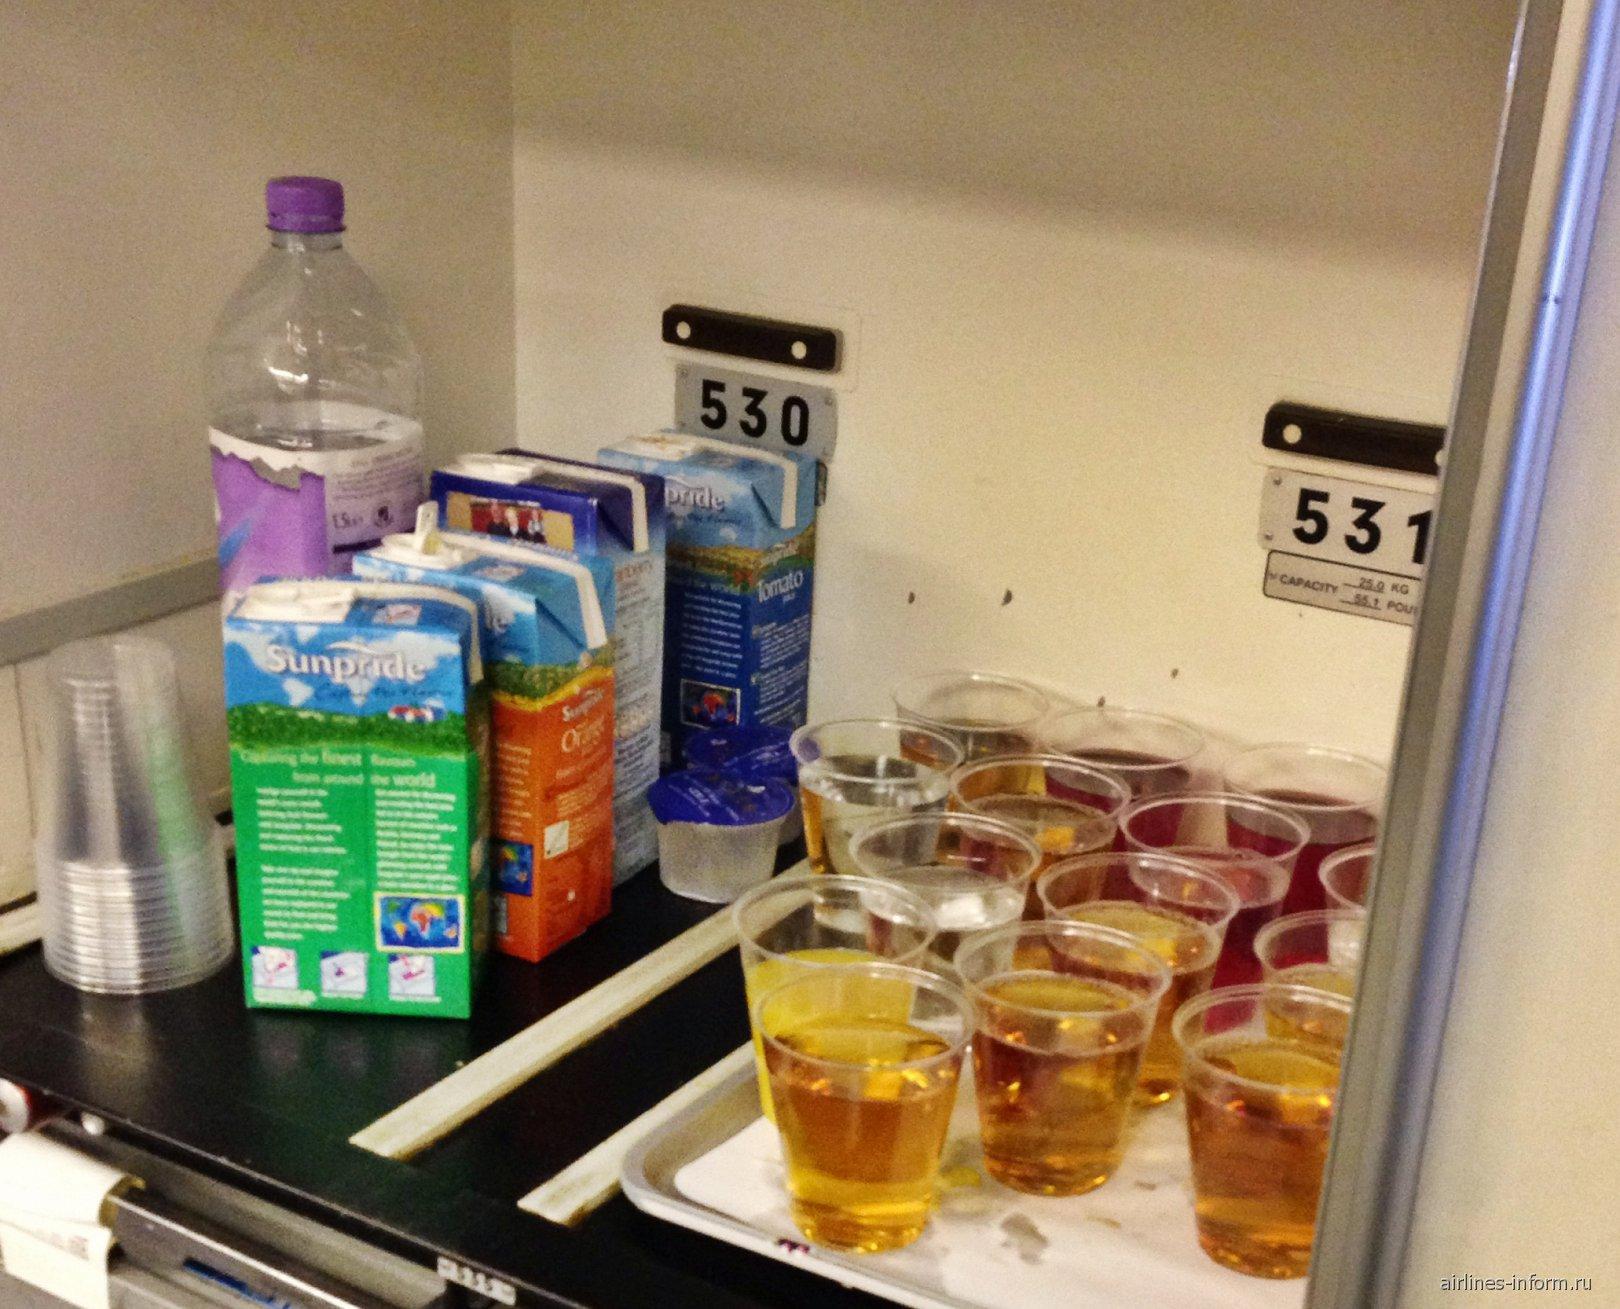 Питание на рейсе Алматы-Лондон Британских авиалиний